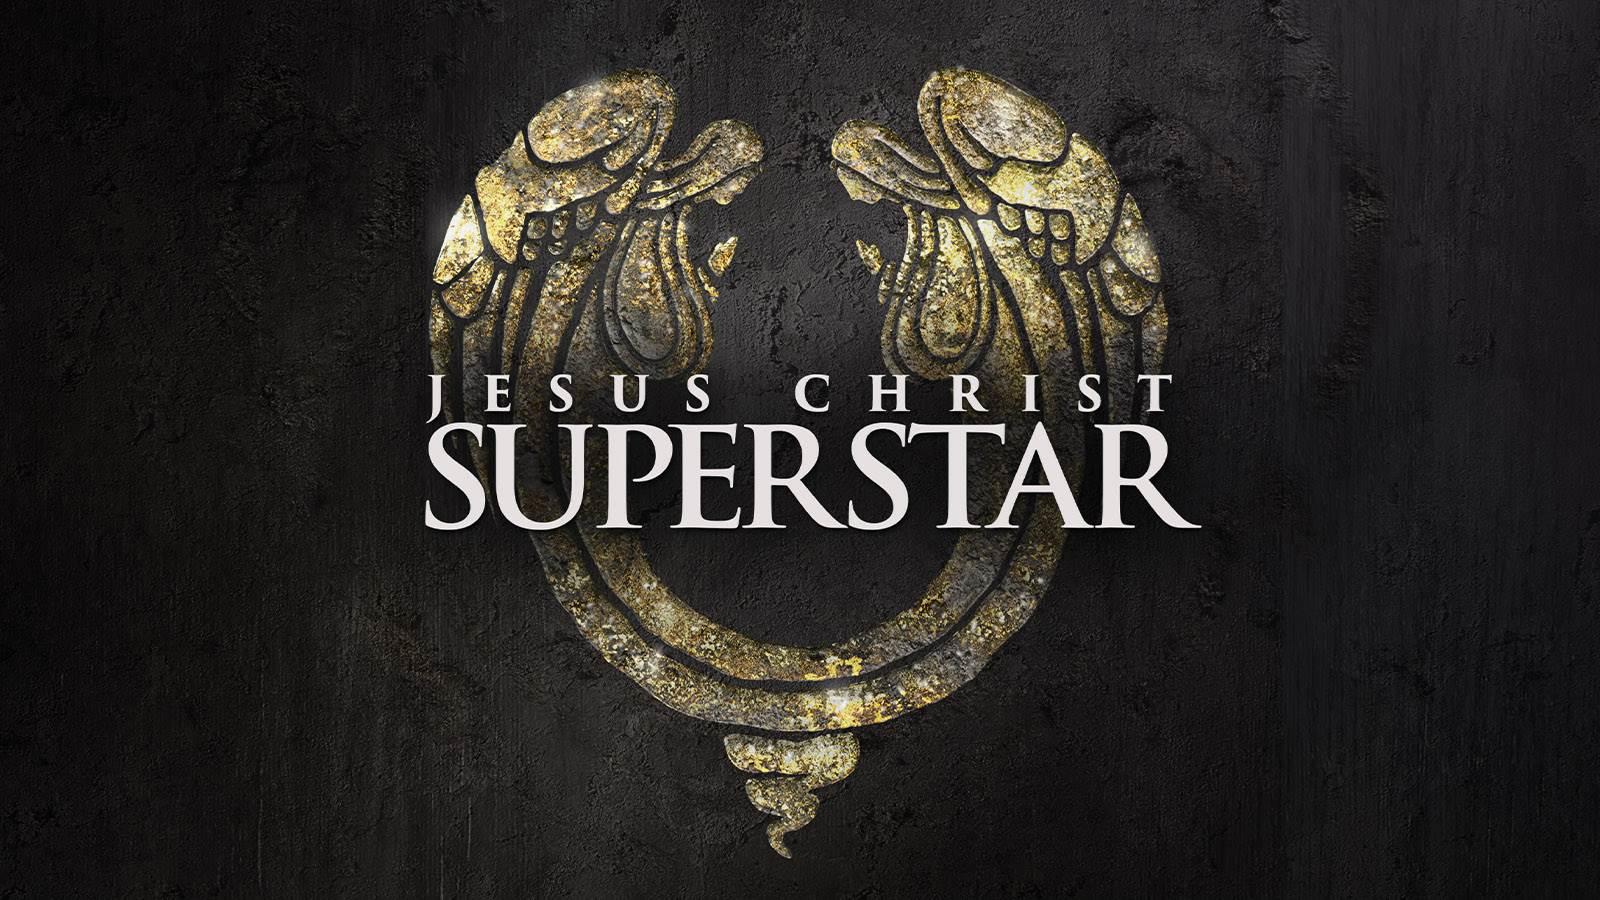 12 октября. Премьера рок-оперы Jesus Christ Superstar.